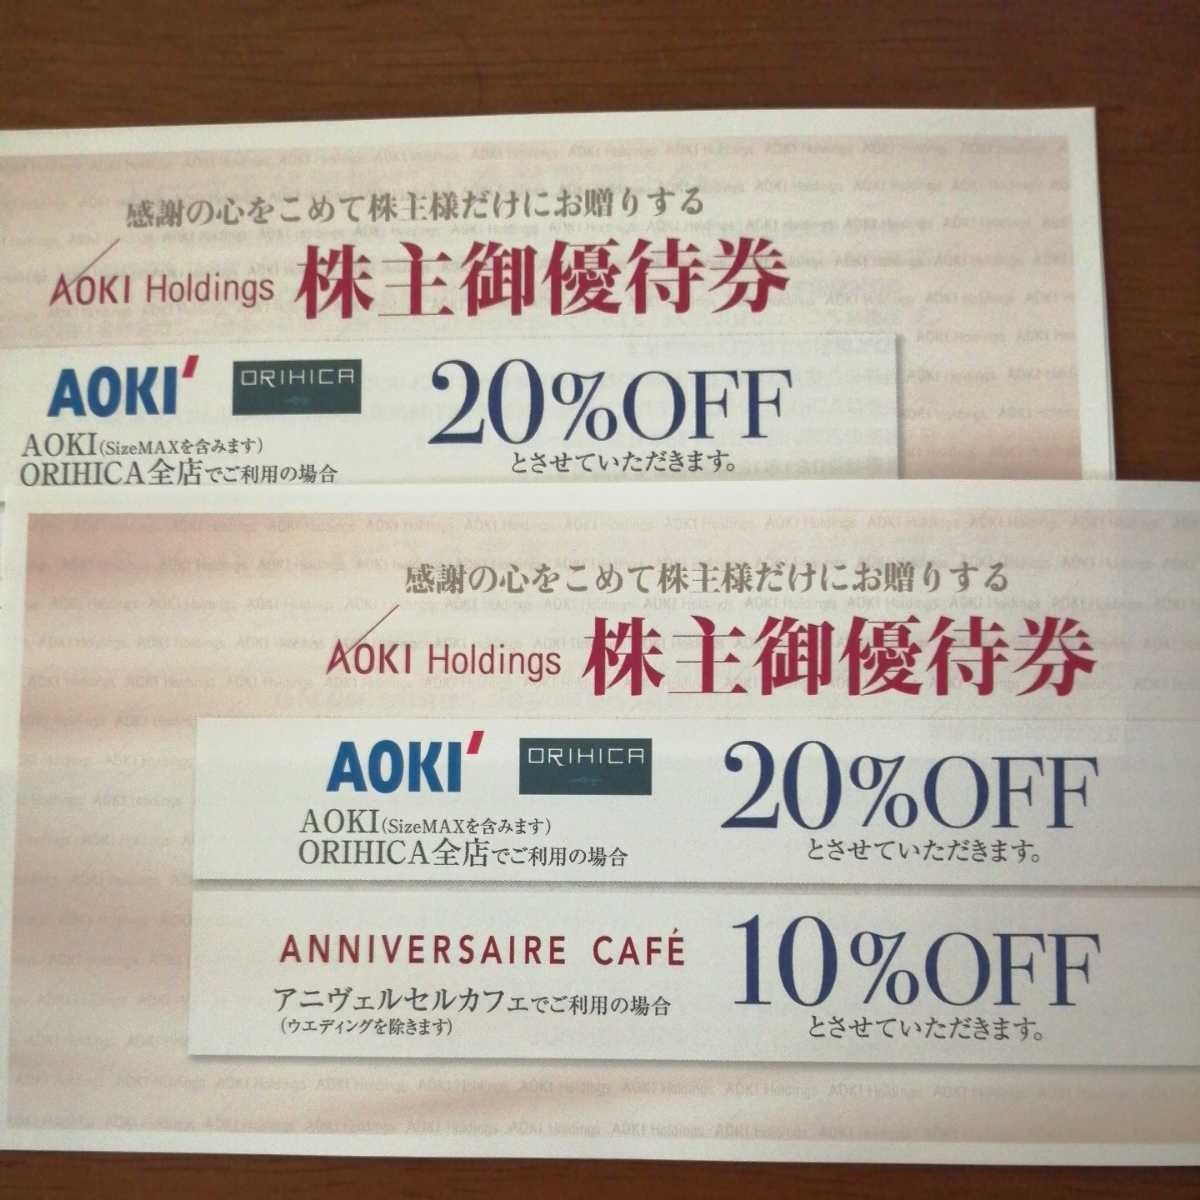 最新 AOKIホールディングス 株主優待券 20%割引券 2枚 送料無料 ②_画像1